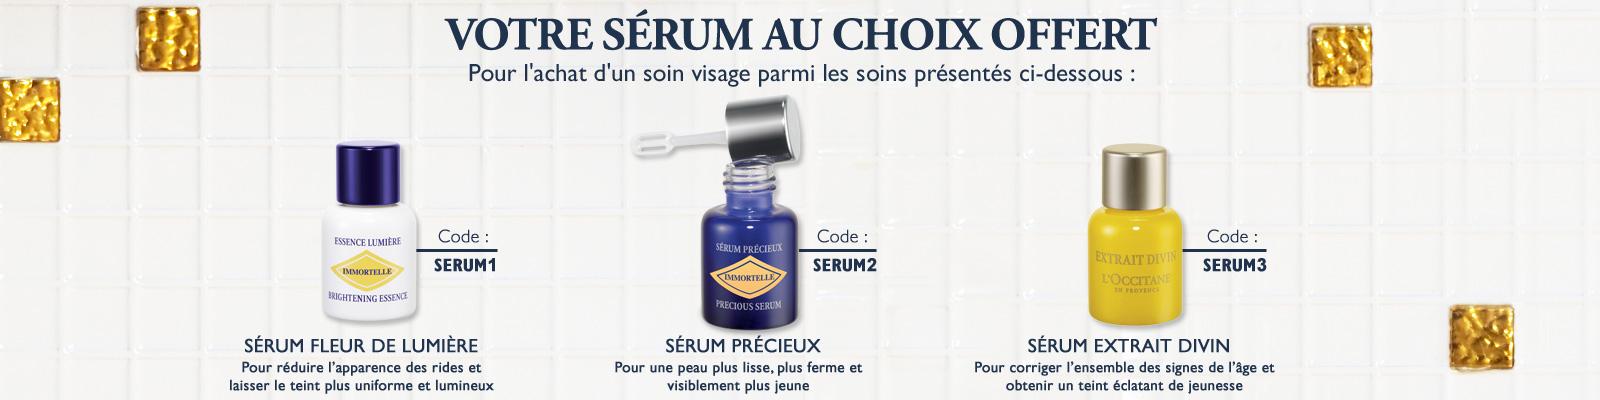 Offre sérum - L'Occitane France